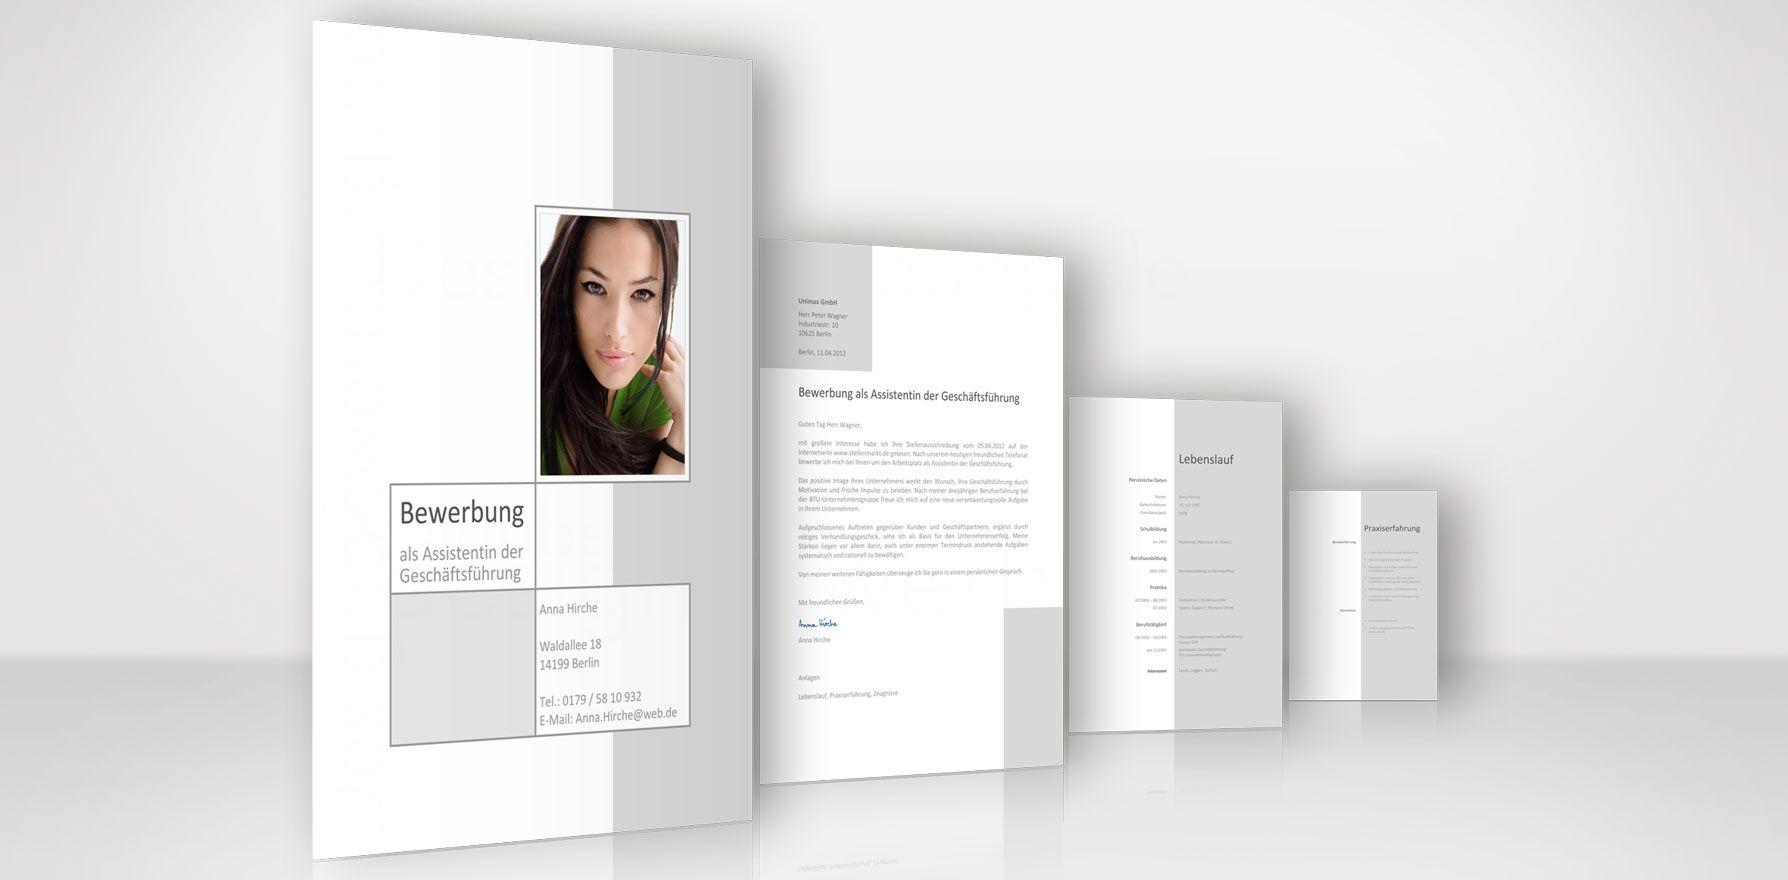 Bewerbung Design Mit Anschreiben Lebenslauf